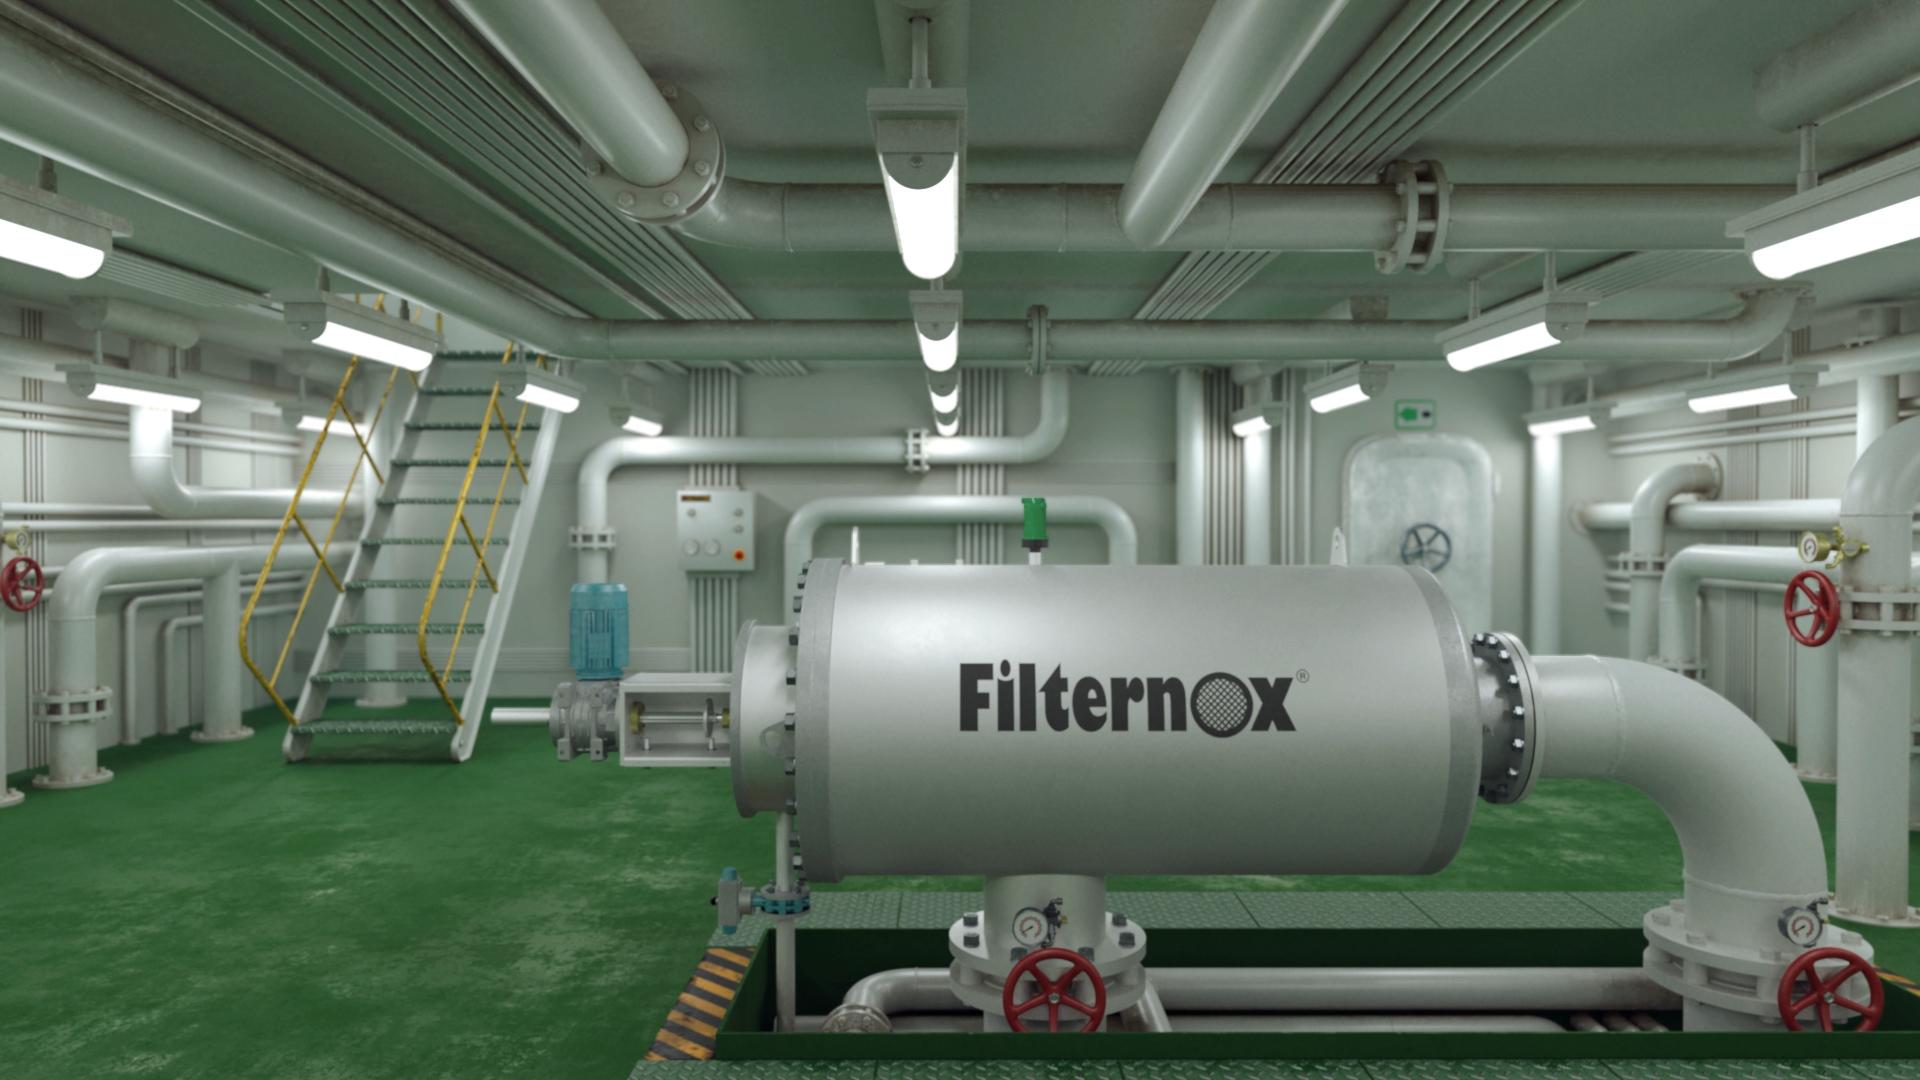 Virtual Art anuncio filternox evolution video producto animación 3D